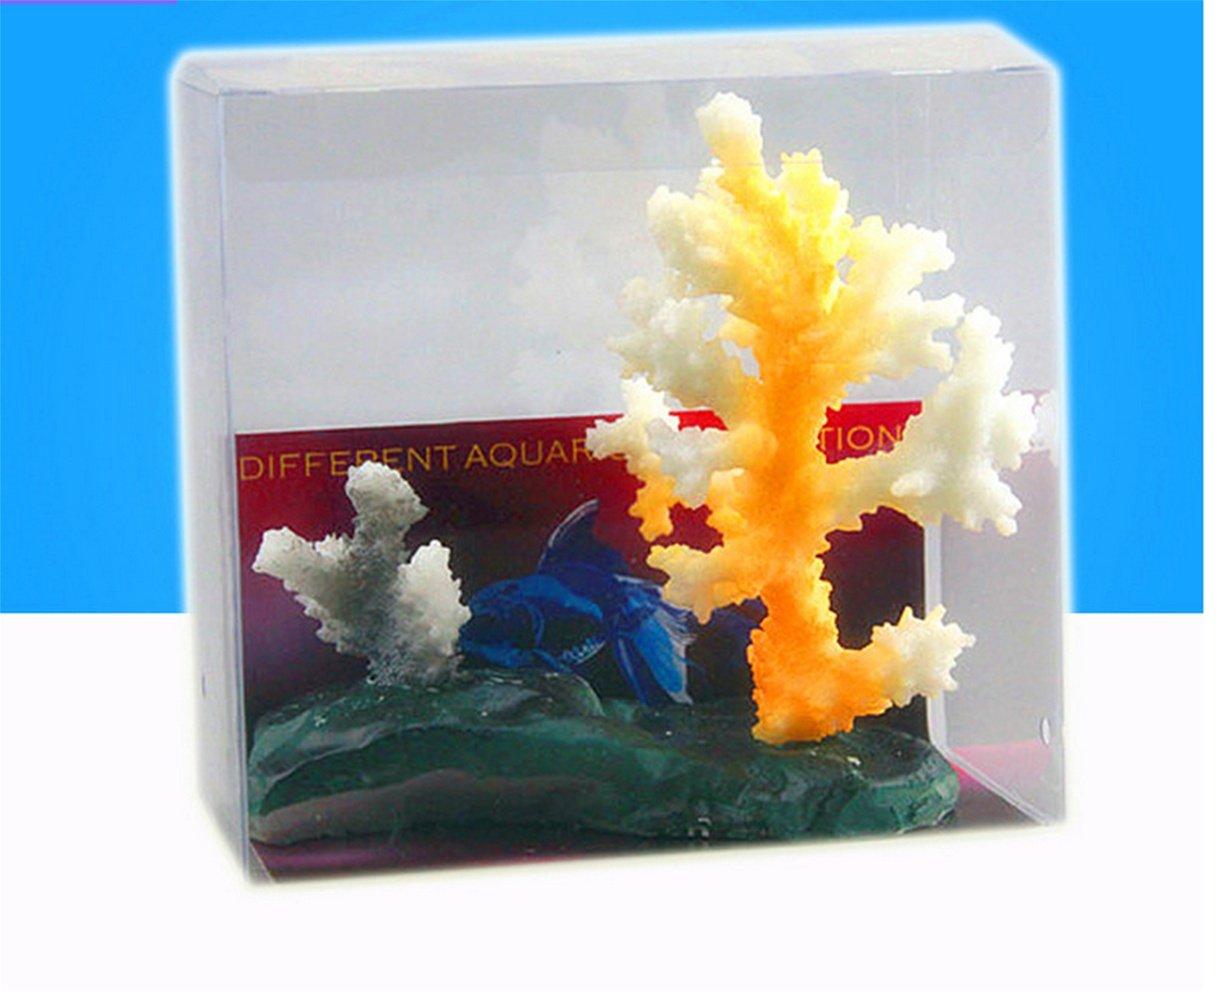 GuiXinWeiHeng (6PCS)Glowing Effect Artificial Coral Plant for Fish Tank, Decorative Aquarium Ornament (random color)